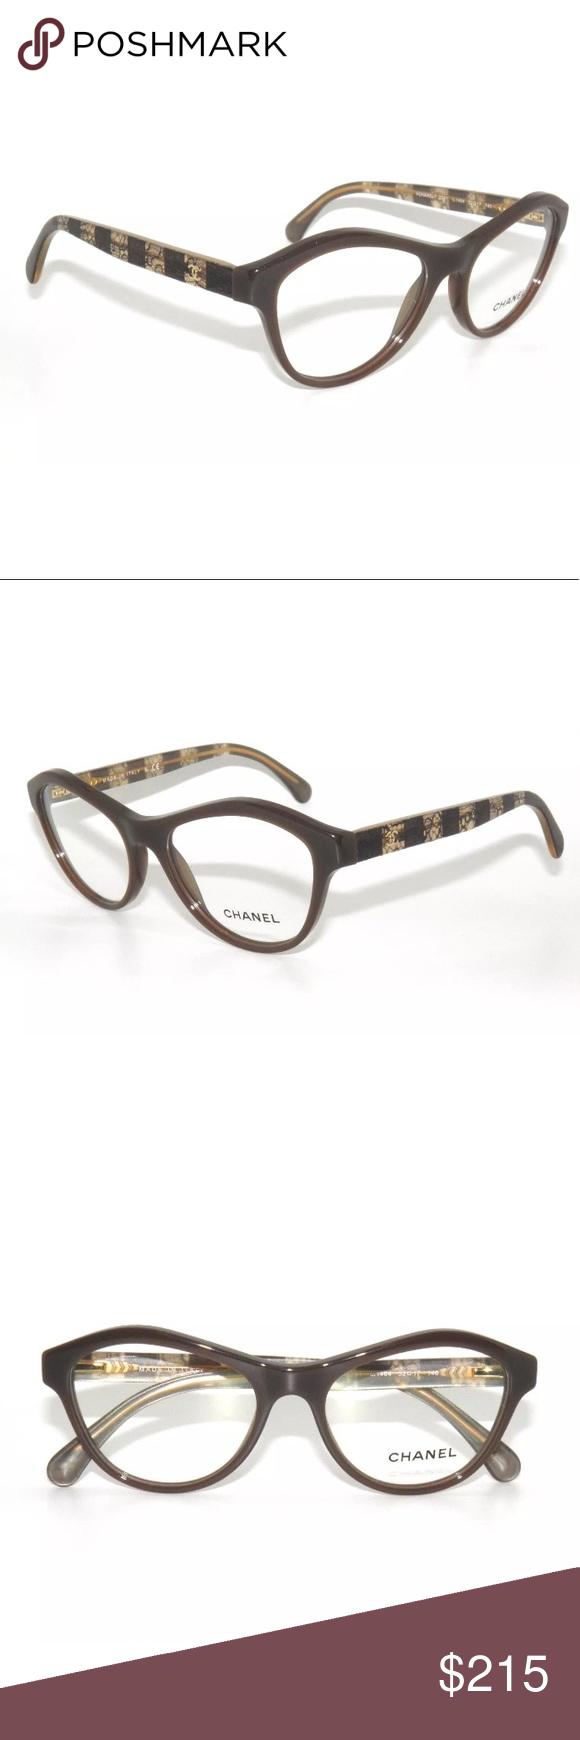 98ef83ca147 Chanel Glasses 3291 Brown Frame